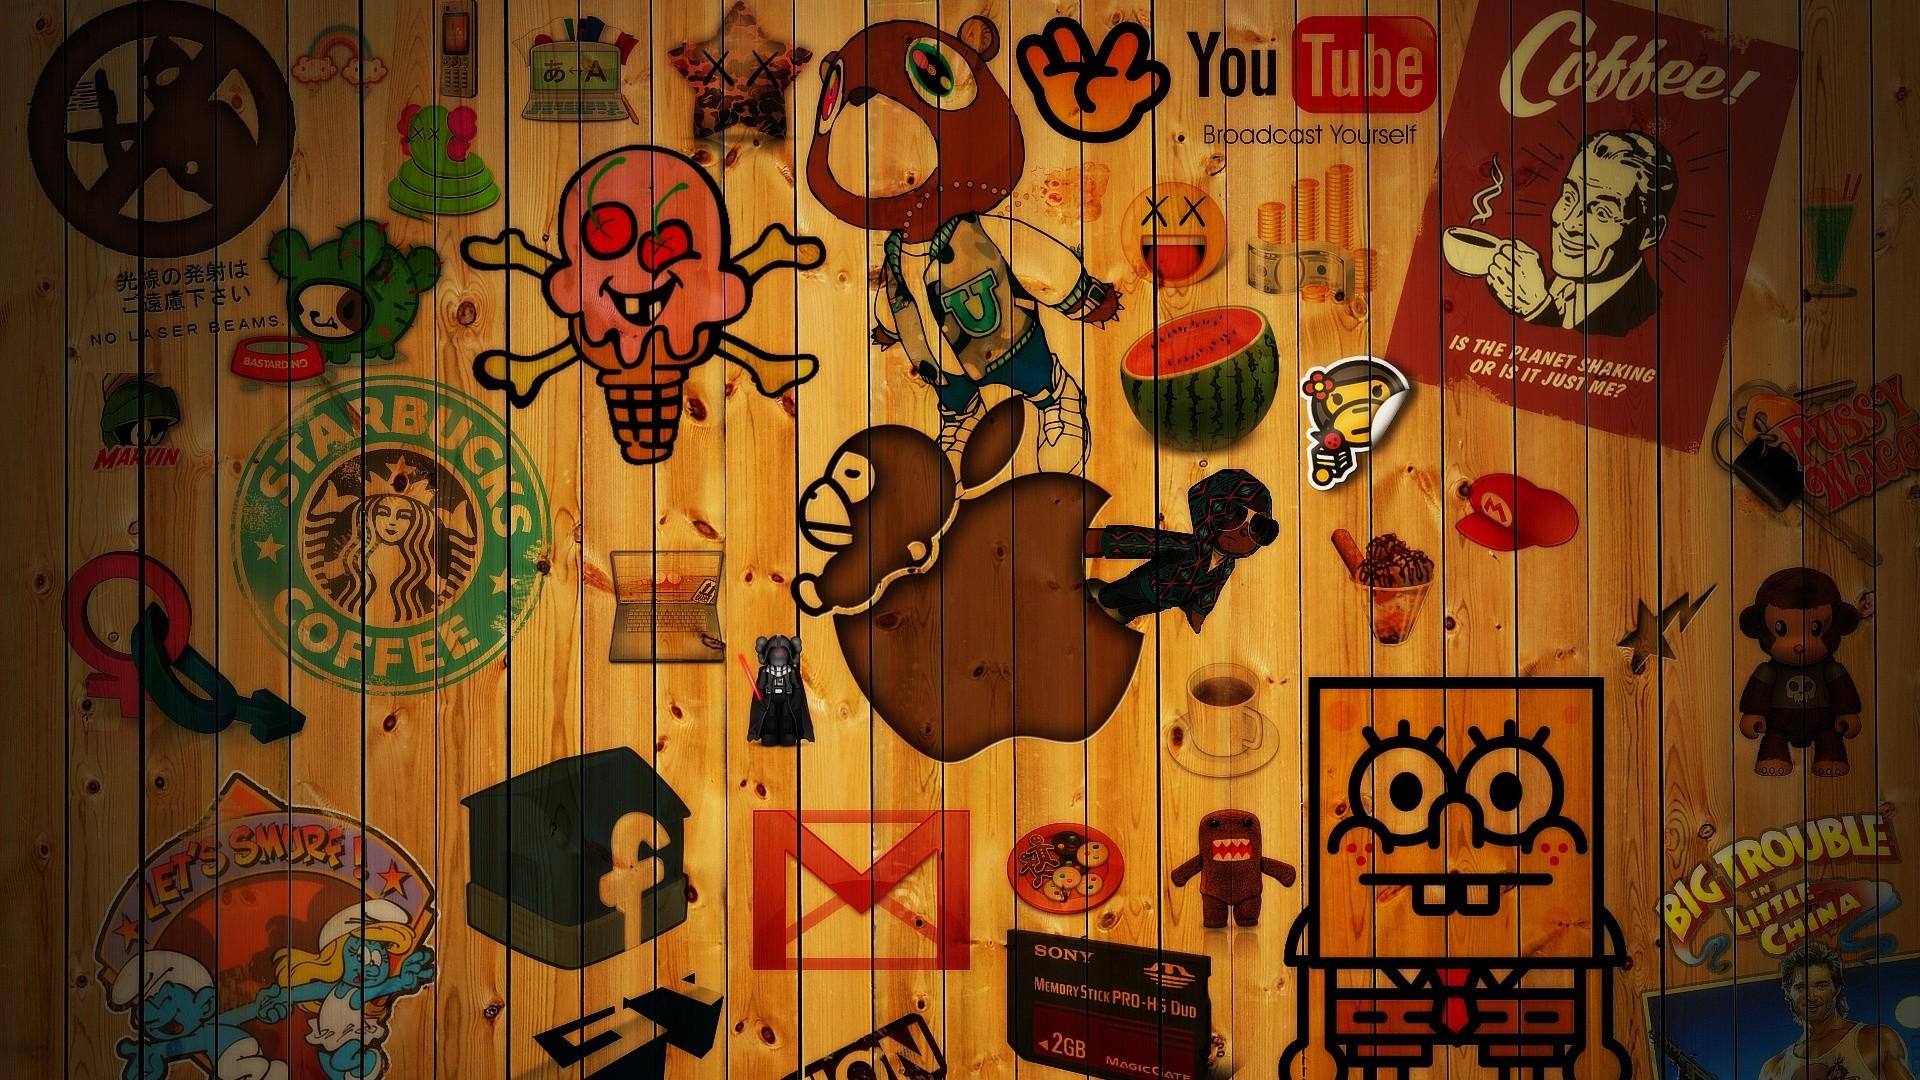 Free Fall Halloween Wallpaper Youtube Backgrounds Free Download Pixelstalk Net